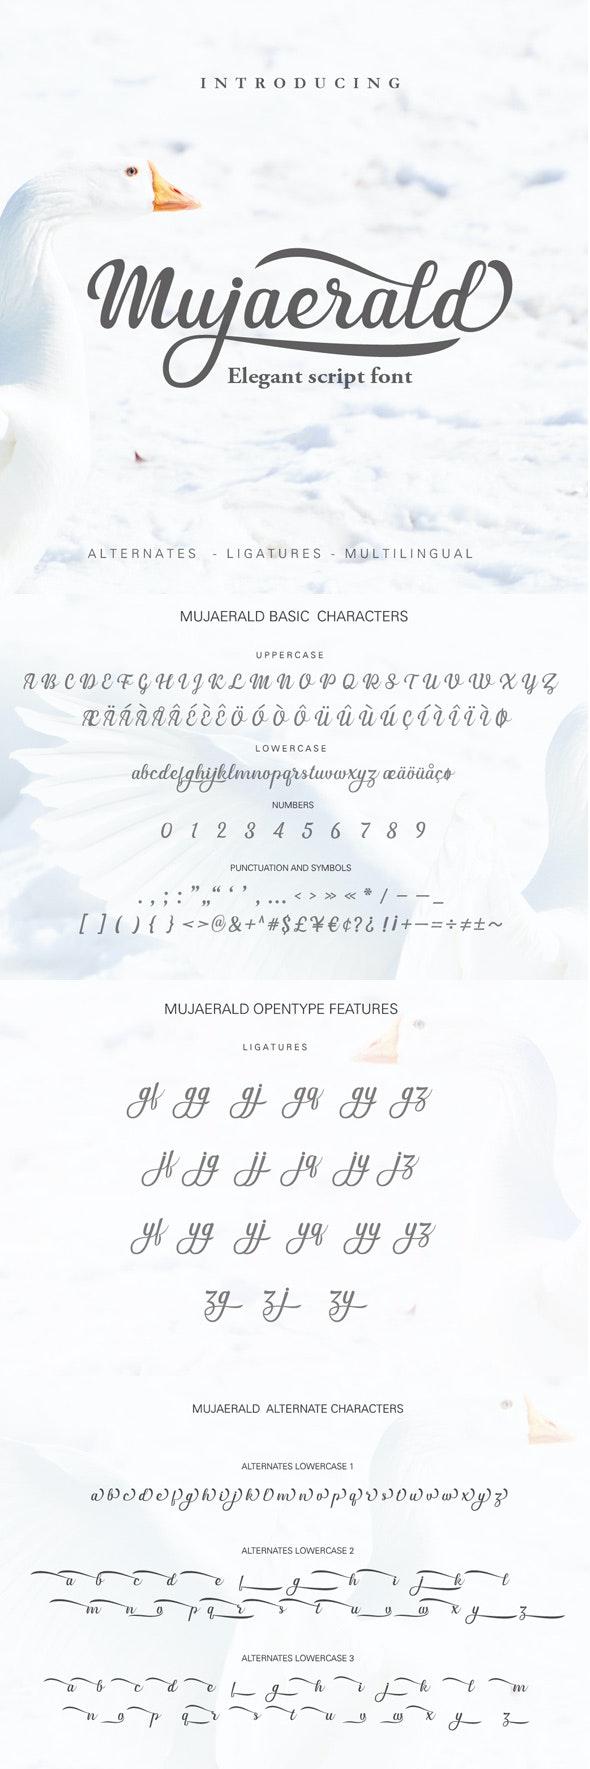 Mujaerald Font - Script Fonts